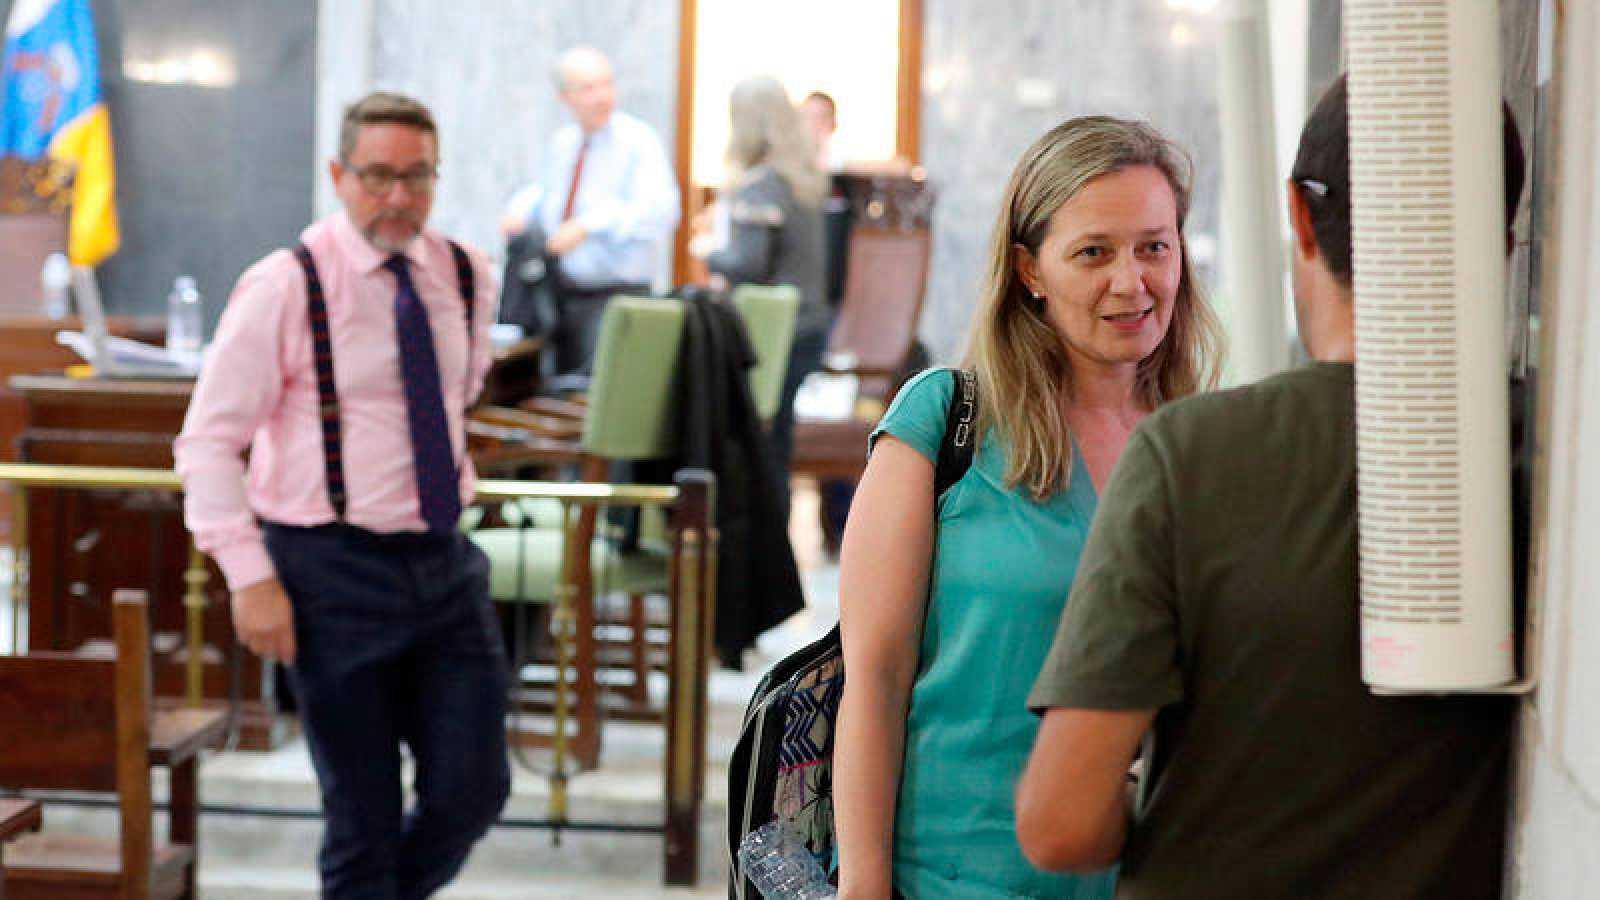 El juez Alba, a la izquierda, ha sido condenado por sus maniobras contra Victoria Rosell, a la derecha en primer plano.